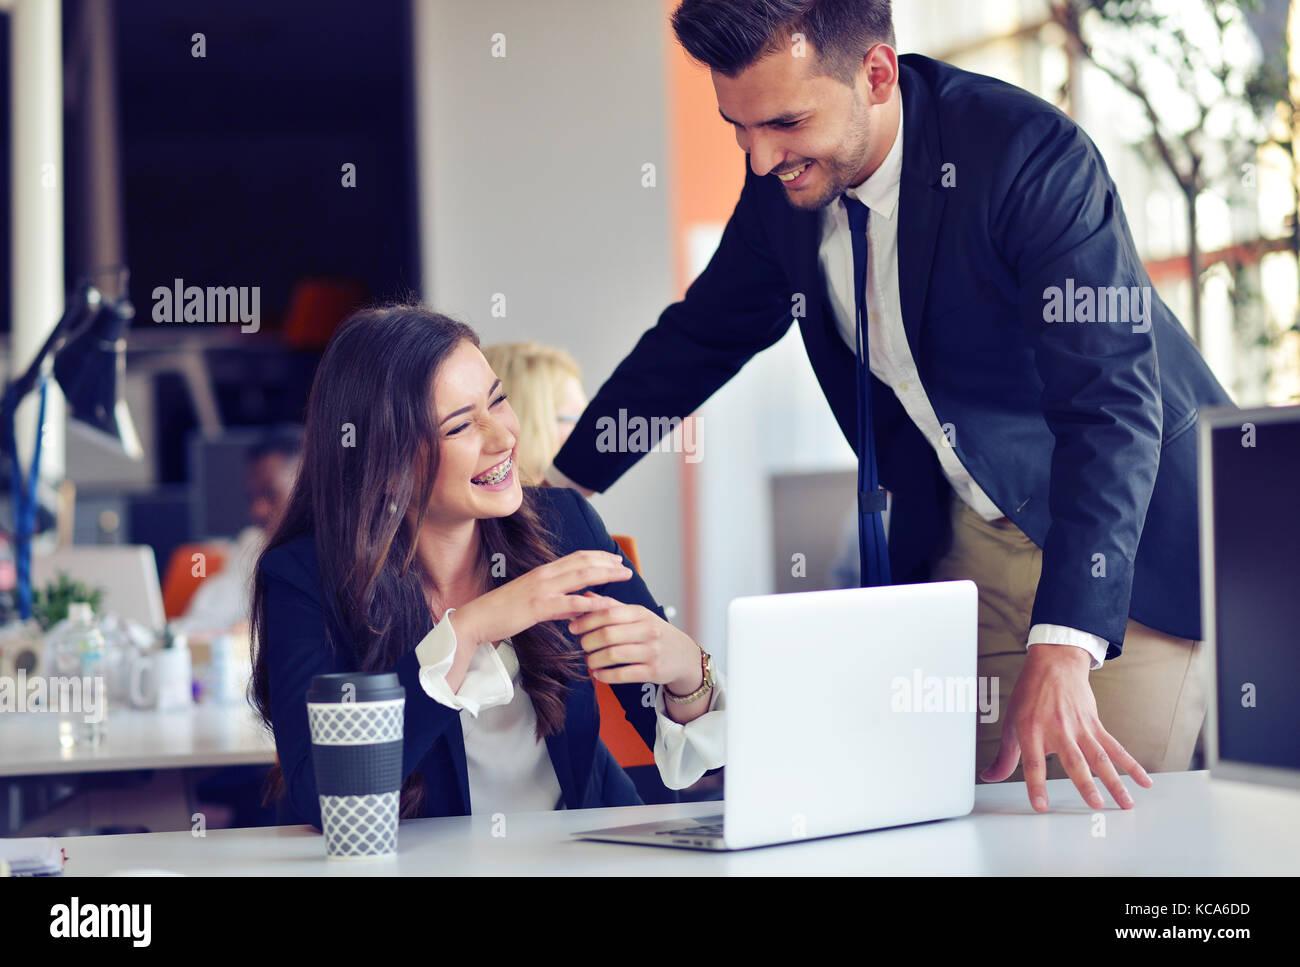 Startup business concetto con giovane coppia multietnica in ufficio moderno lavorando sul computer portatile Immagini Stock